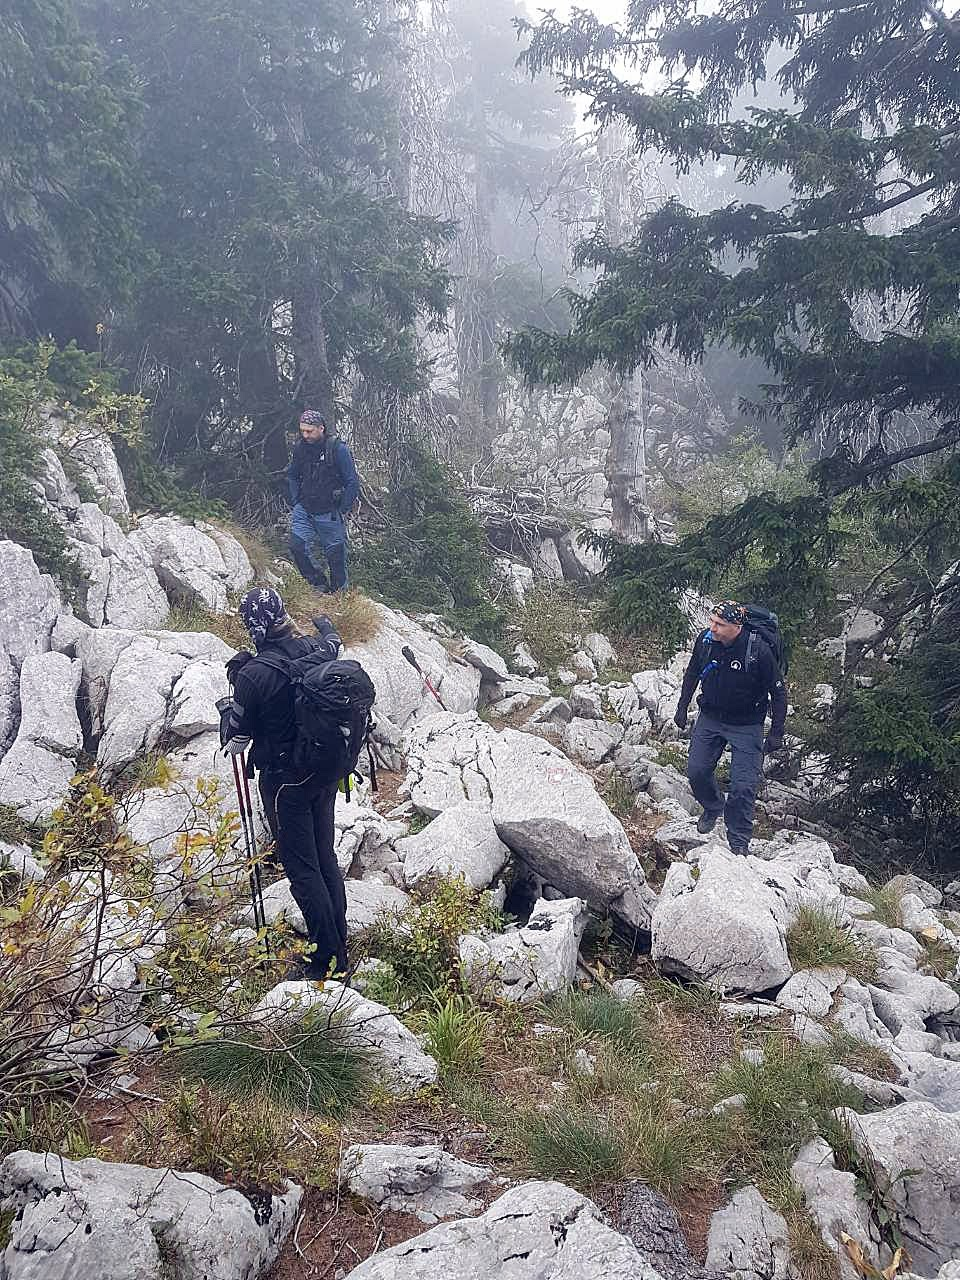 Hajdučki kukovi i Veliki Rajinac - Jesenski Velebit 29.-30.09.2018. - 5.jpg